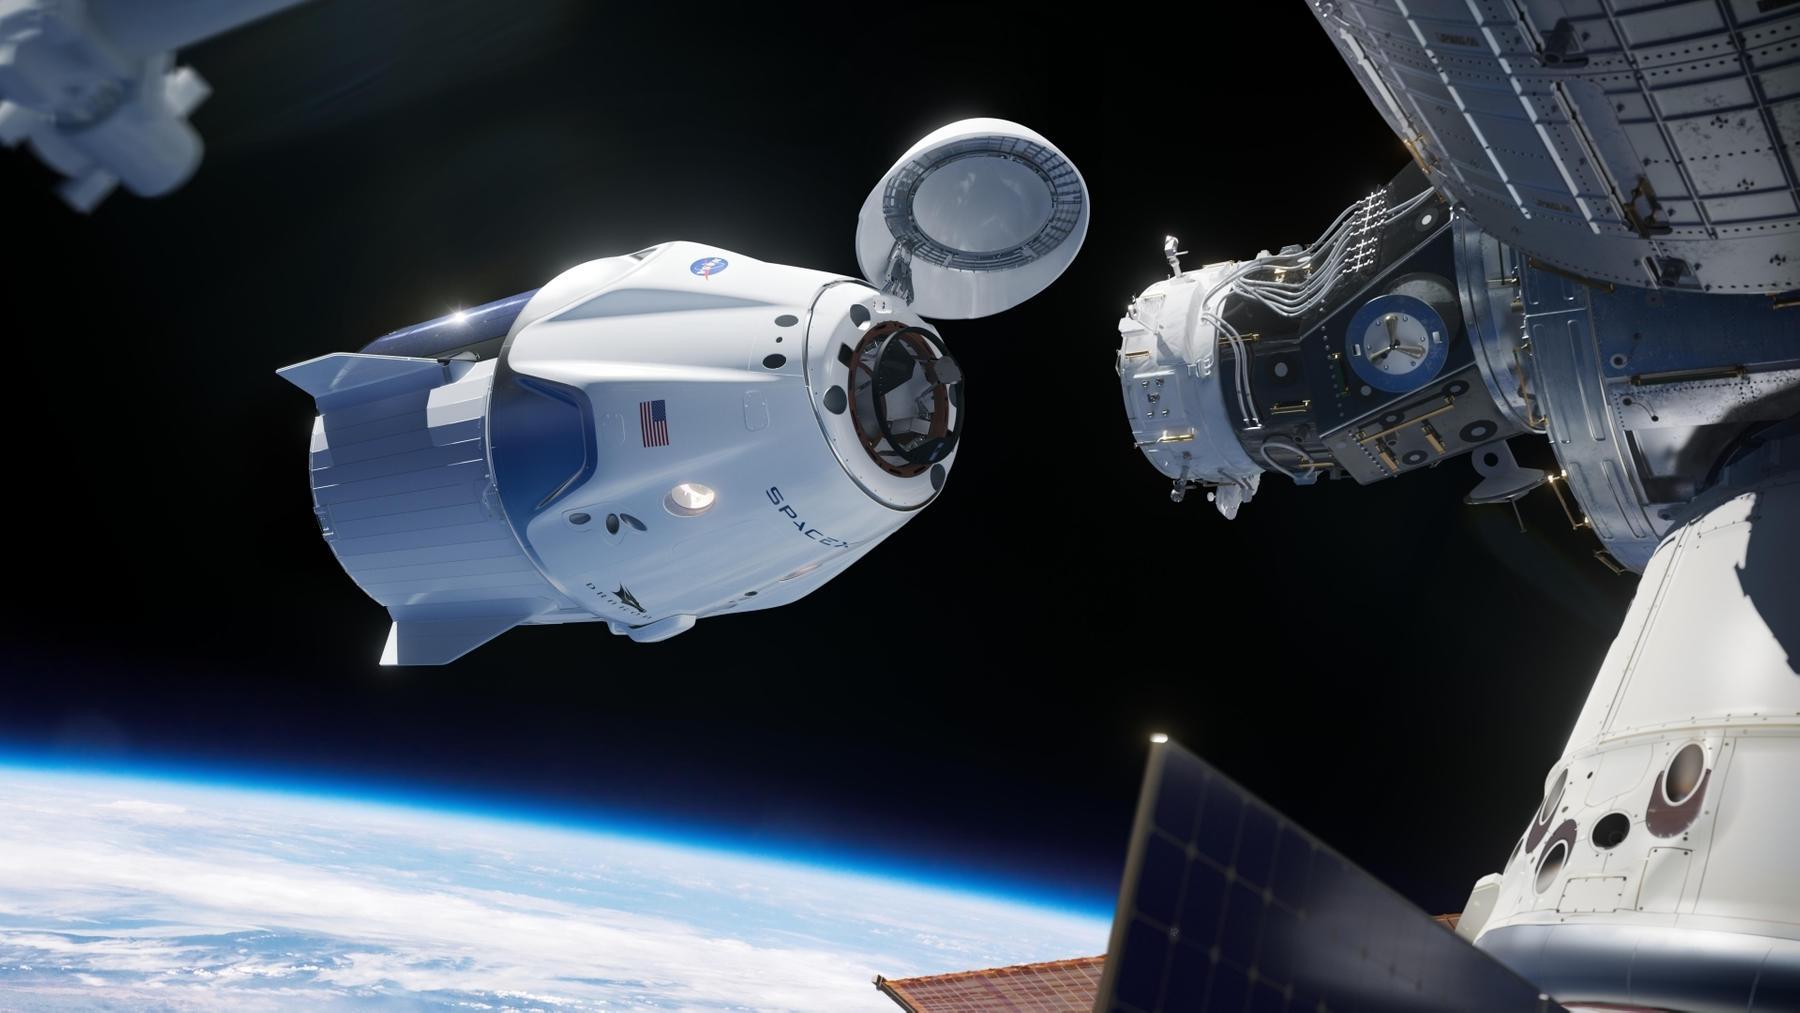 Пилотируемый космический корабль Crew Dragon сблизился с МКС перед предстоящей стыковкой